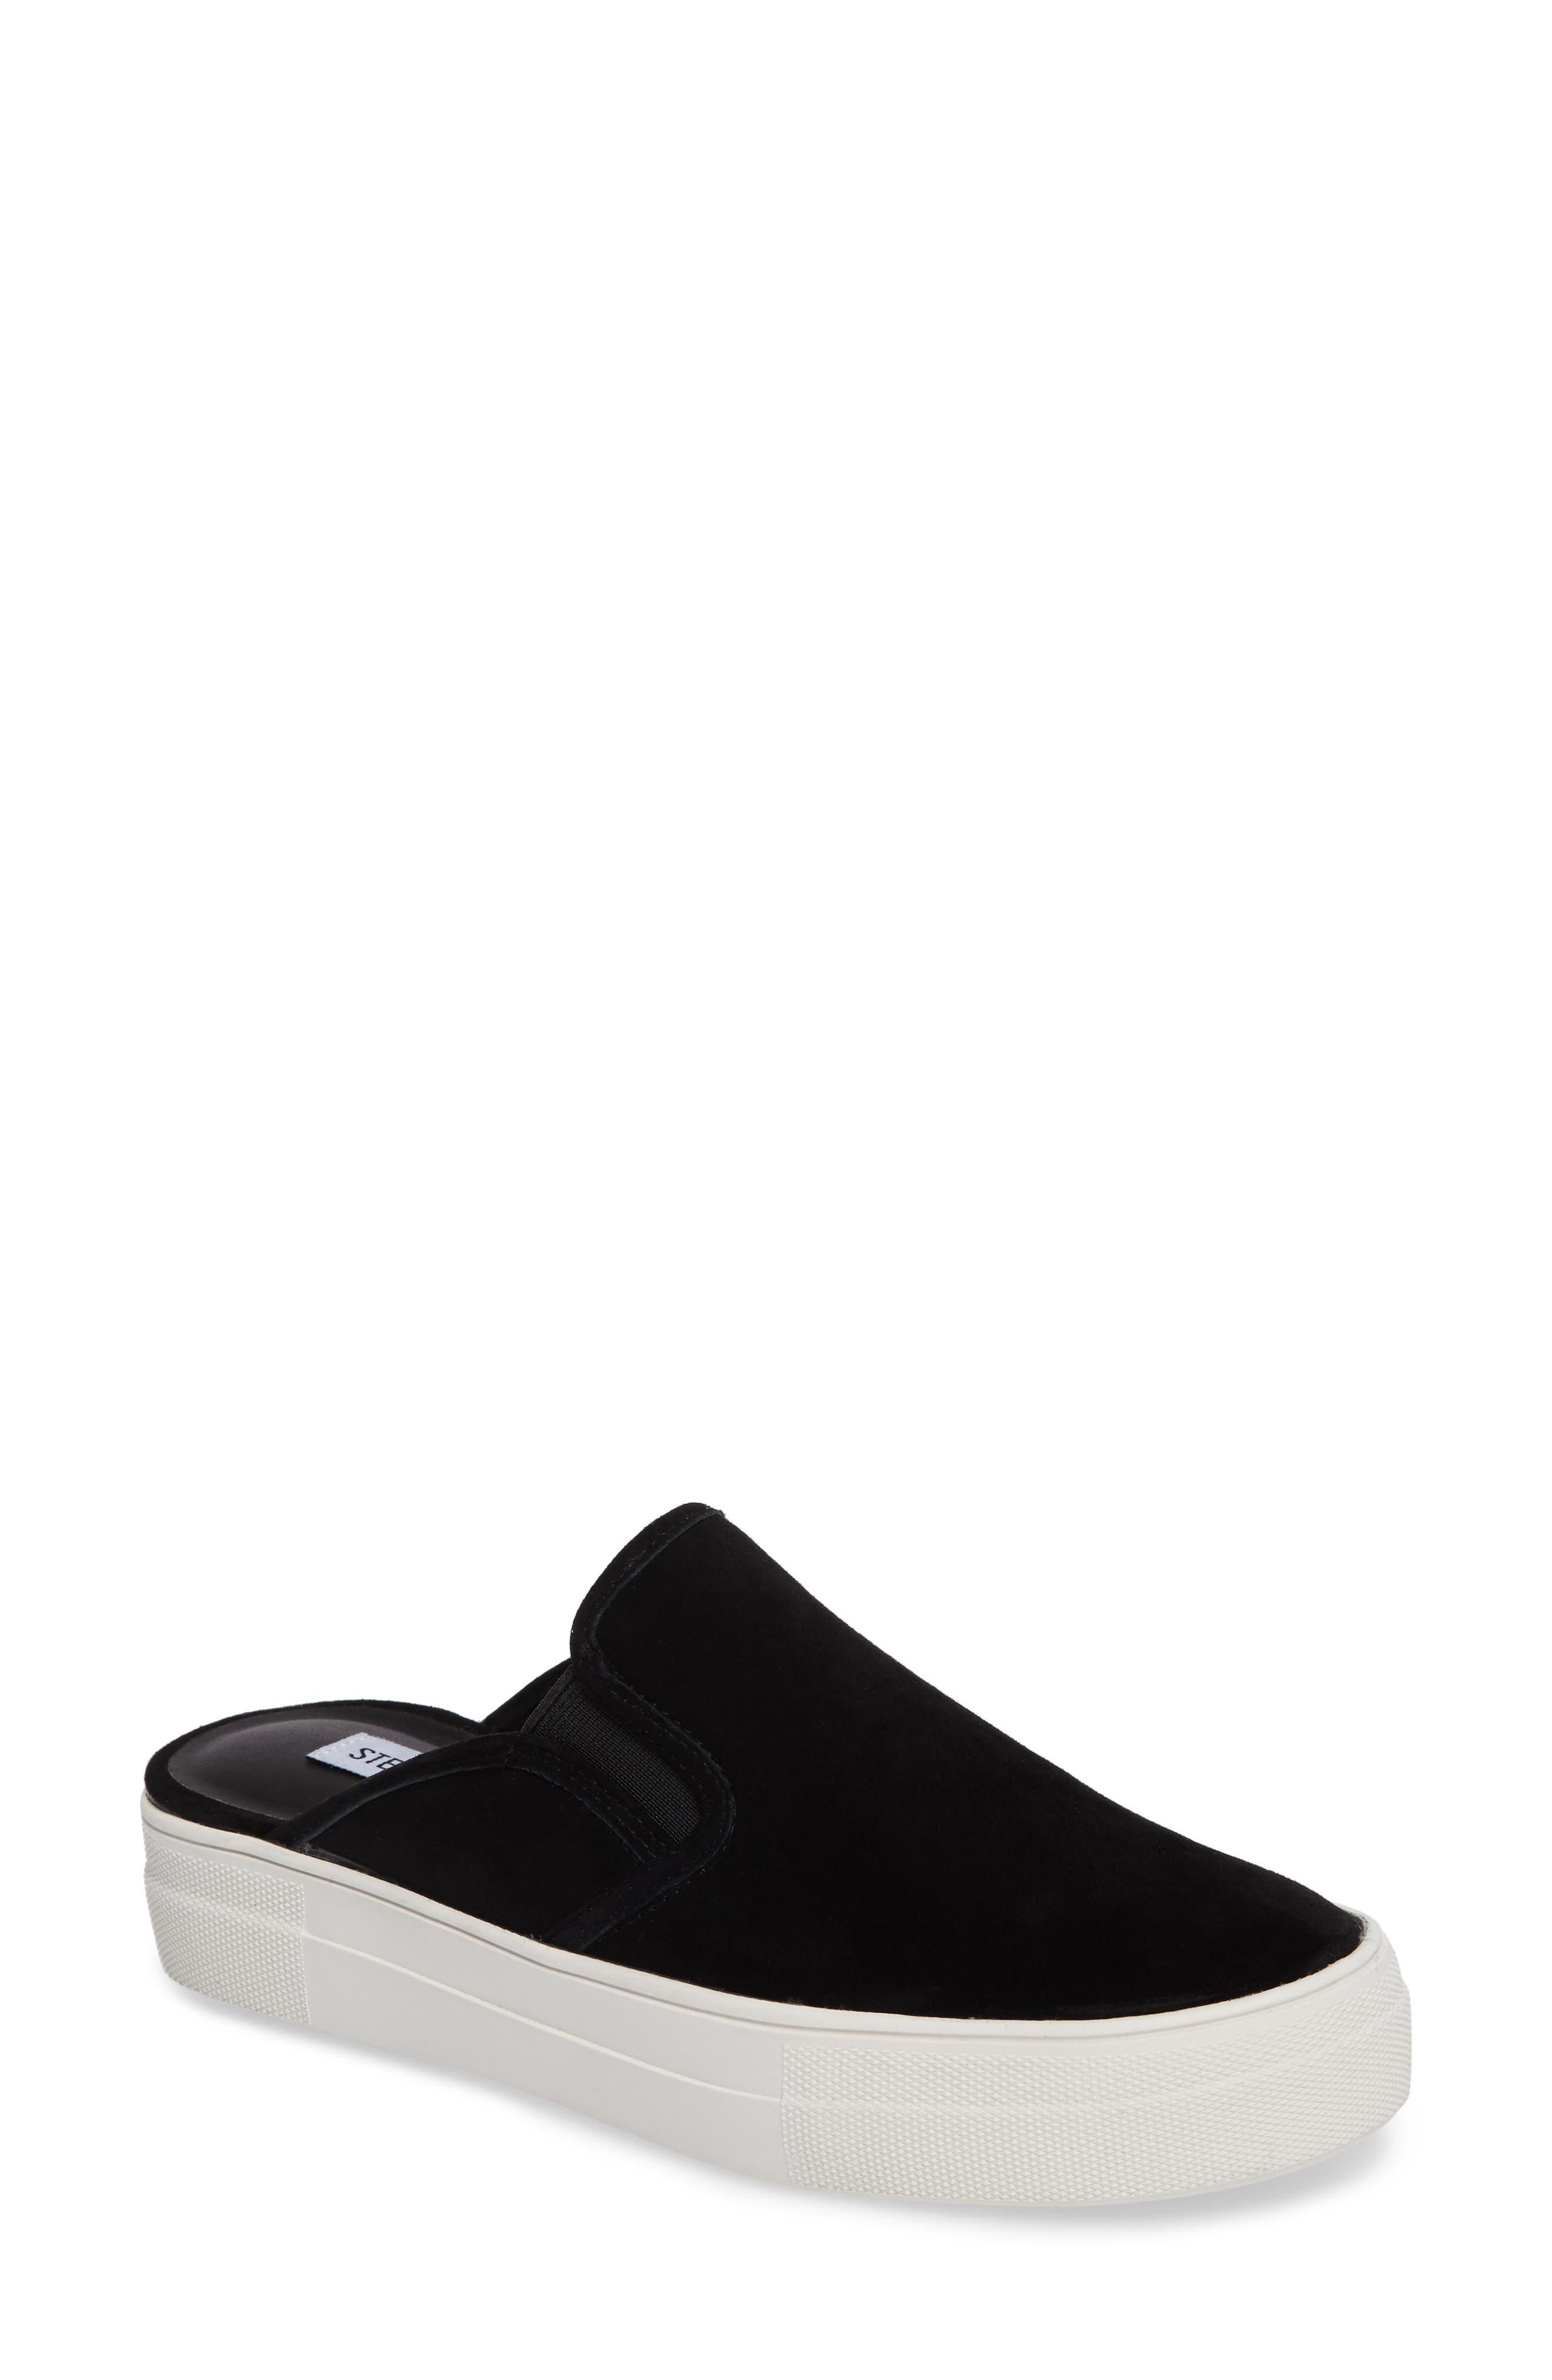 Glenda Sneaker Mule,                         Main,                         color, 006